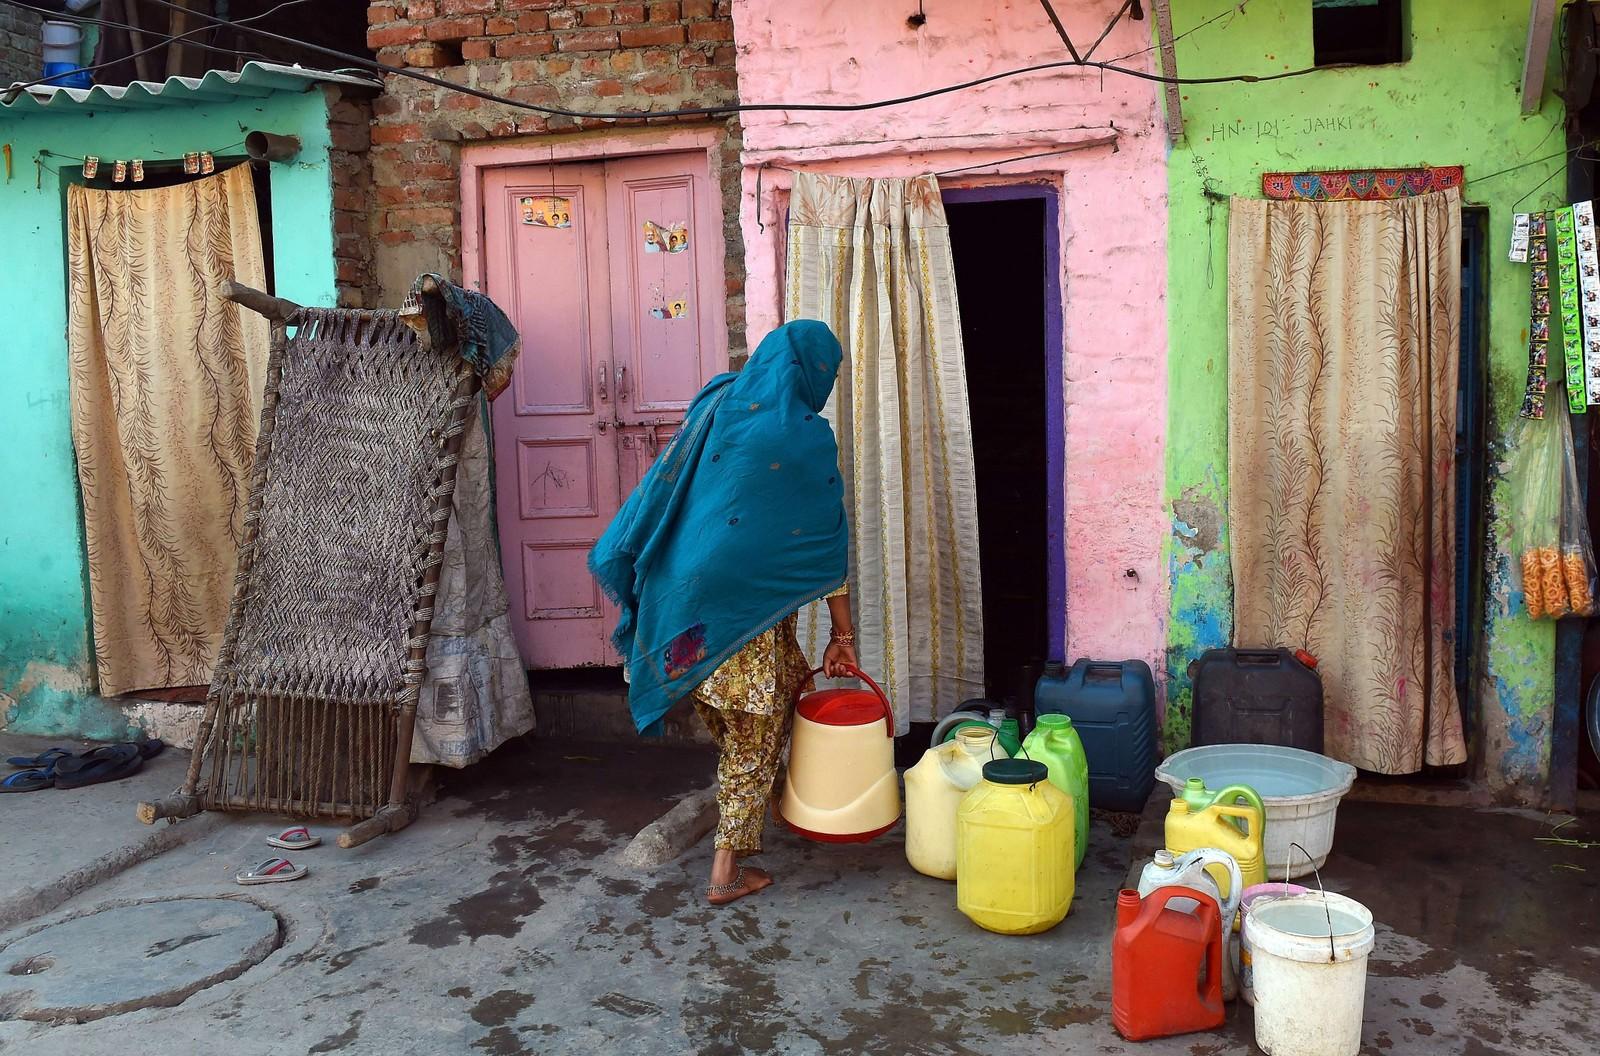 En indisk kvinne henter vann fra en offentlig vanntank i New Delhi.